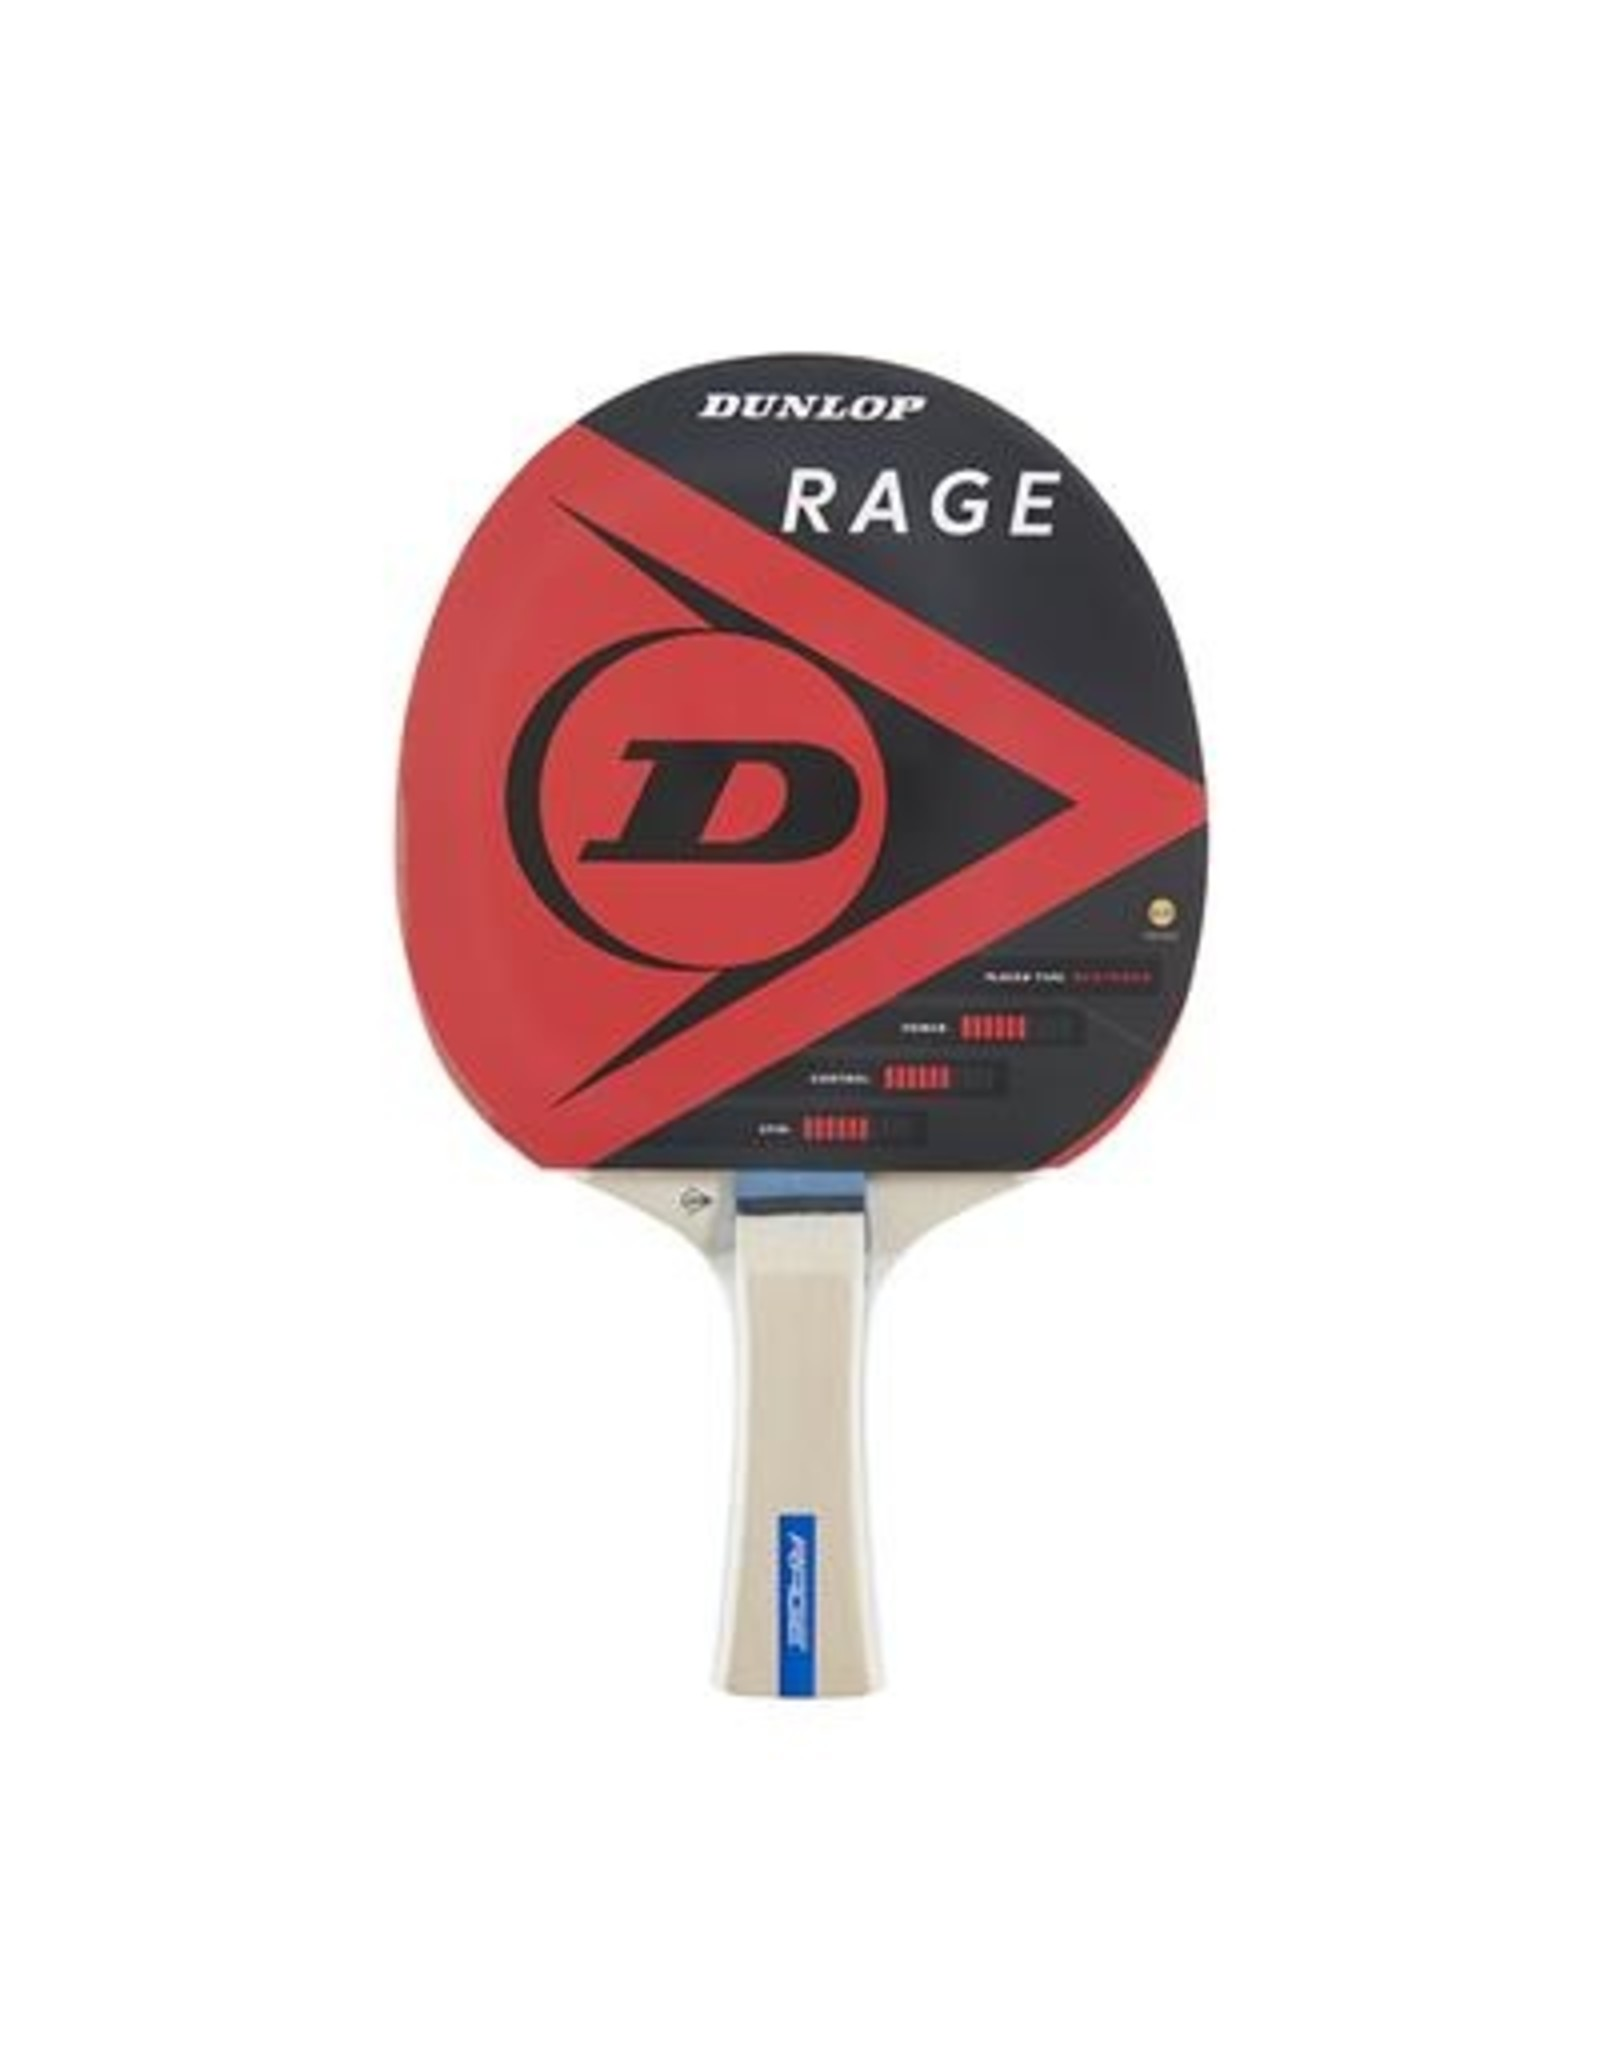 Dunlop D TT BT RAGE